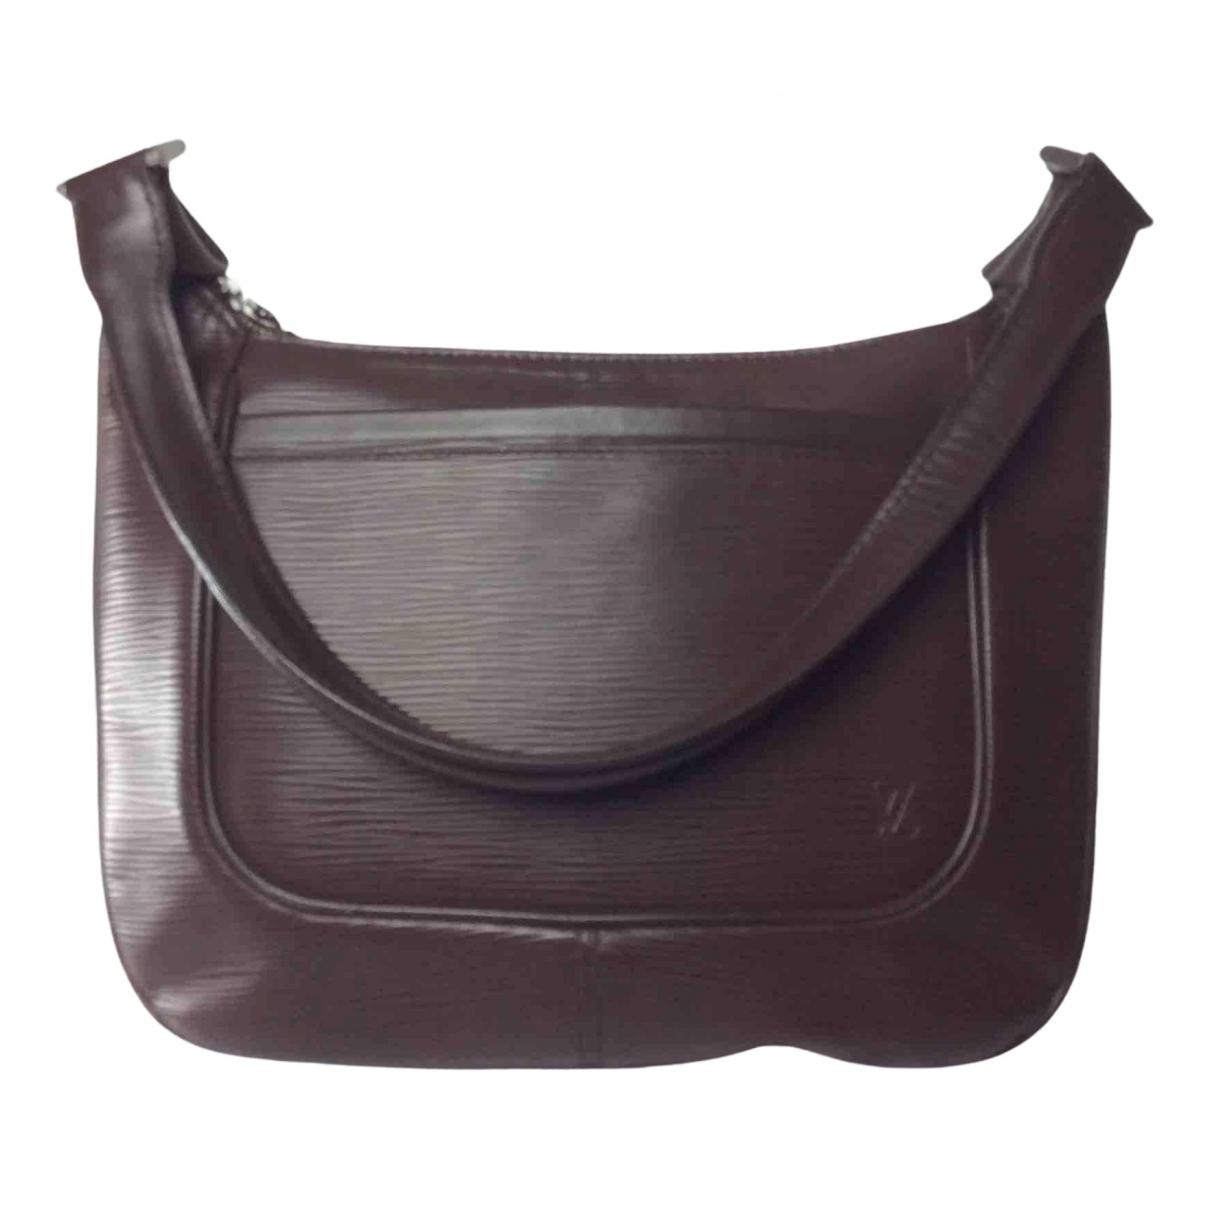 Louis Vuitton Matsy Handtasche in  Braun Leder